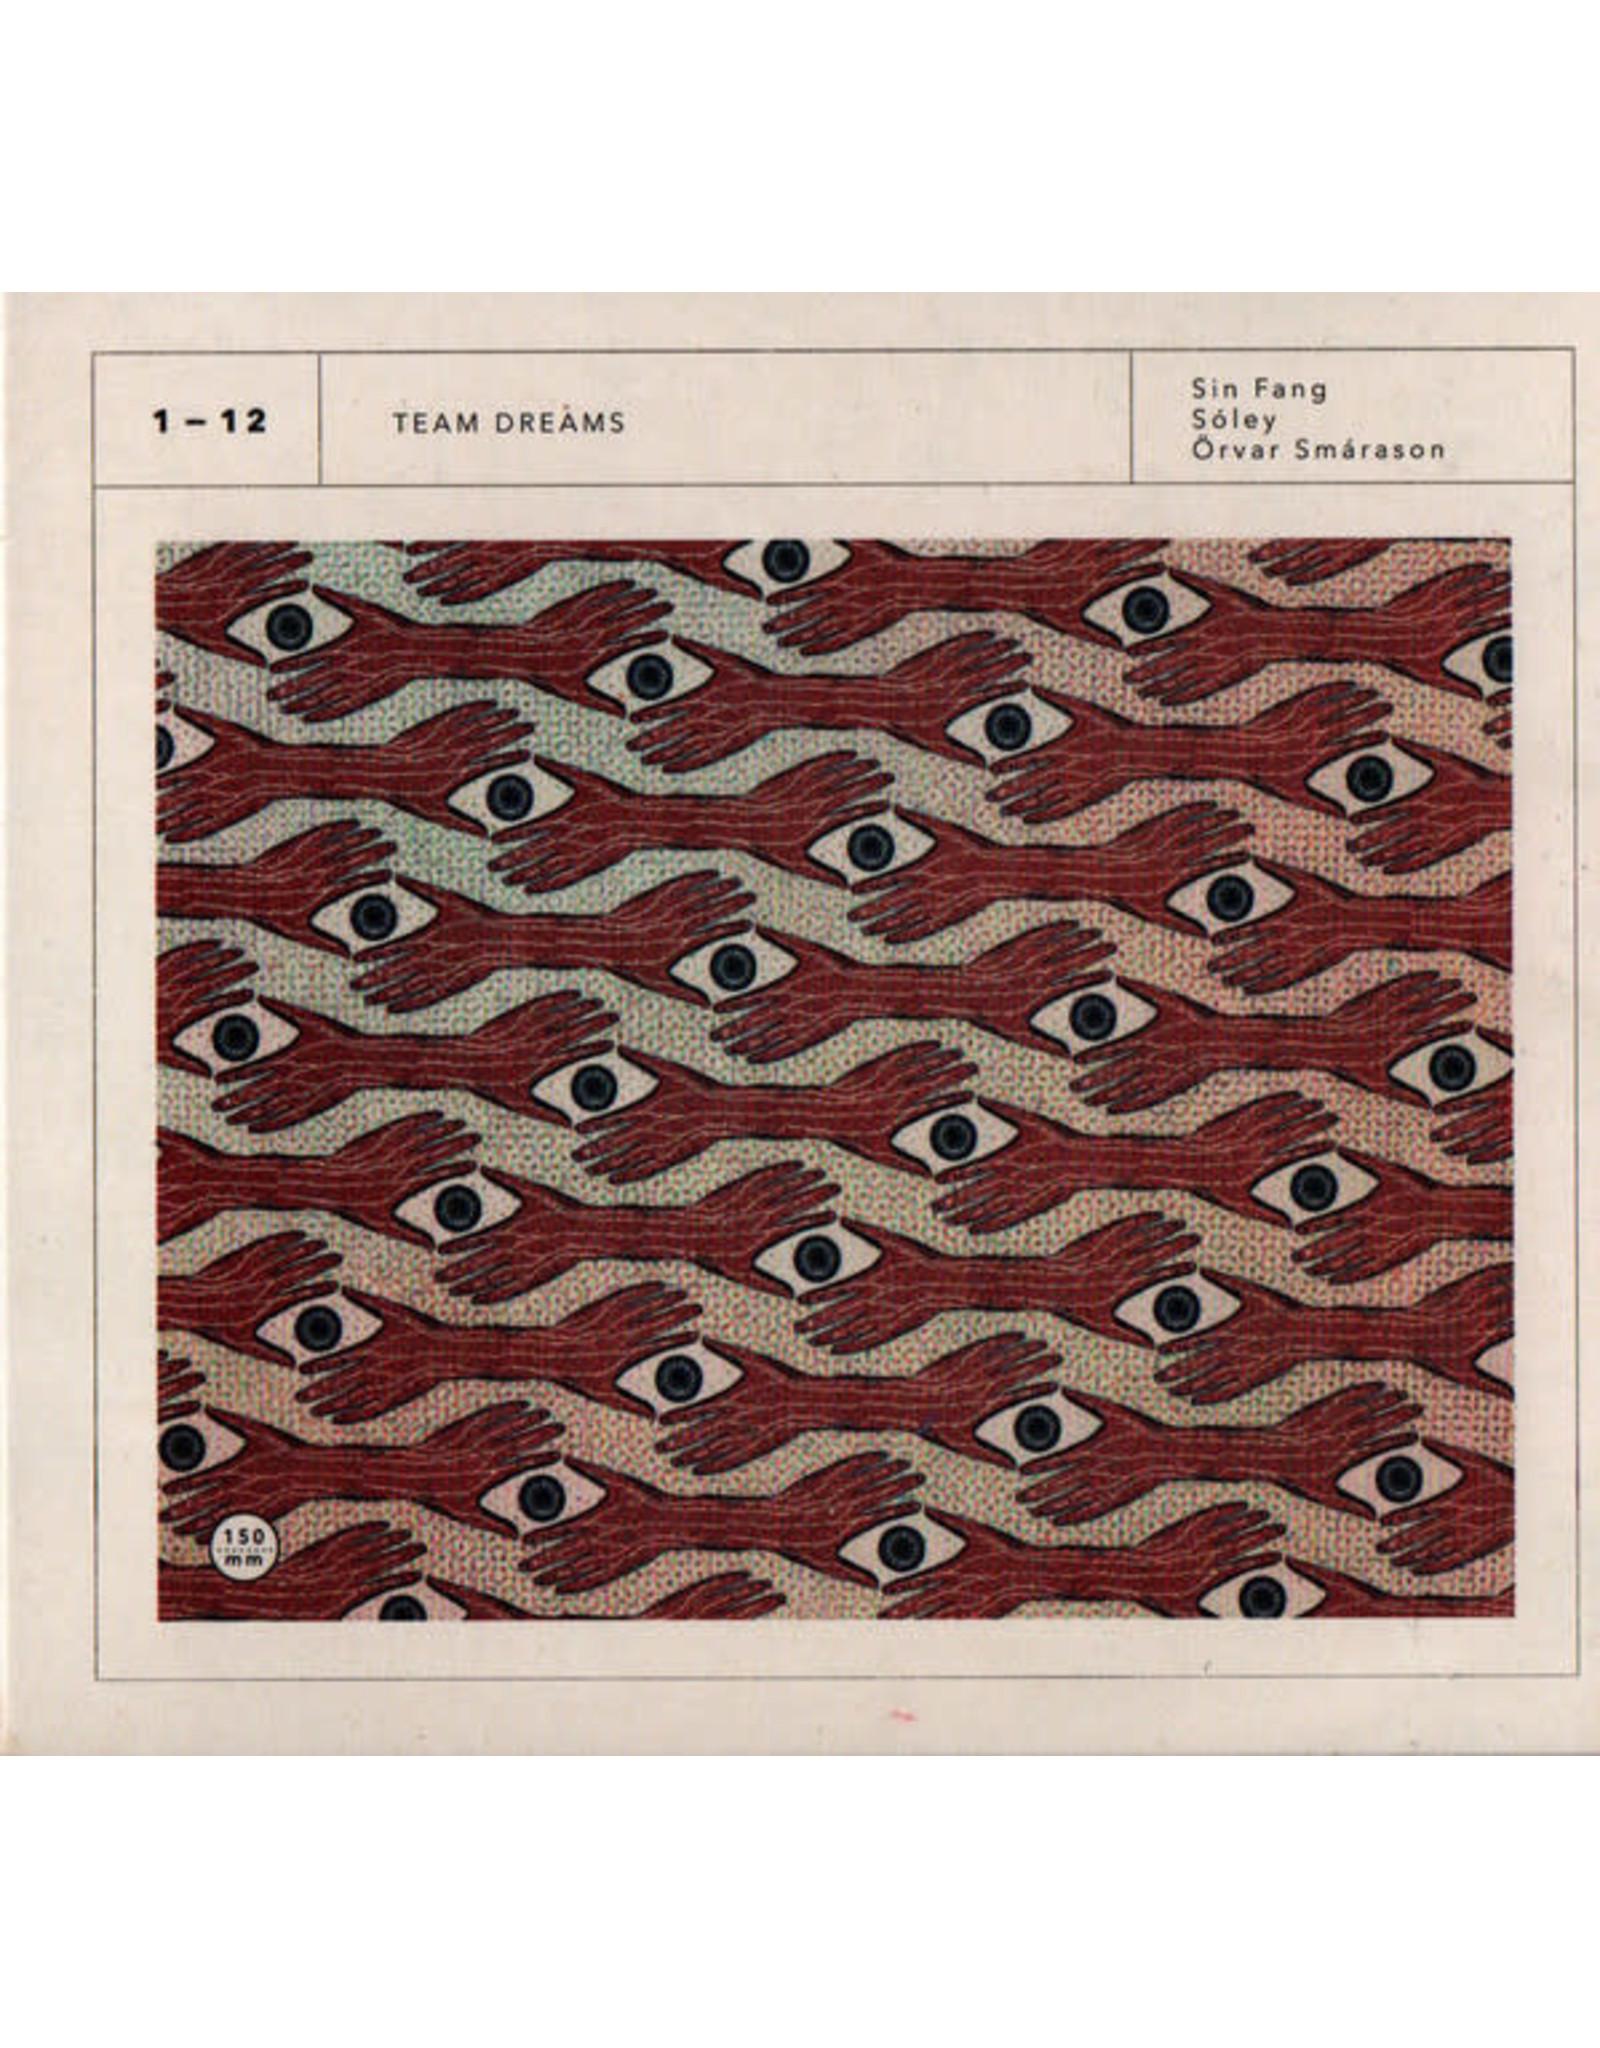 New Vinyl Sin Fang, Soley & Orvar Smarason - Team Dreams 2LP